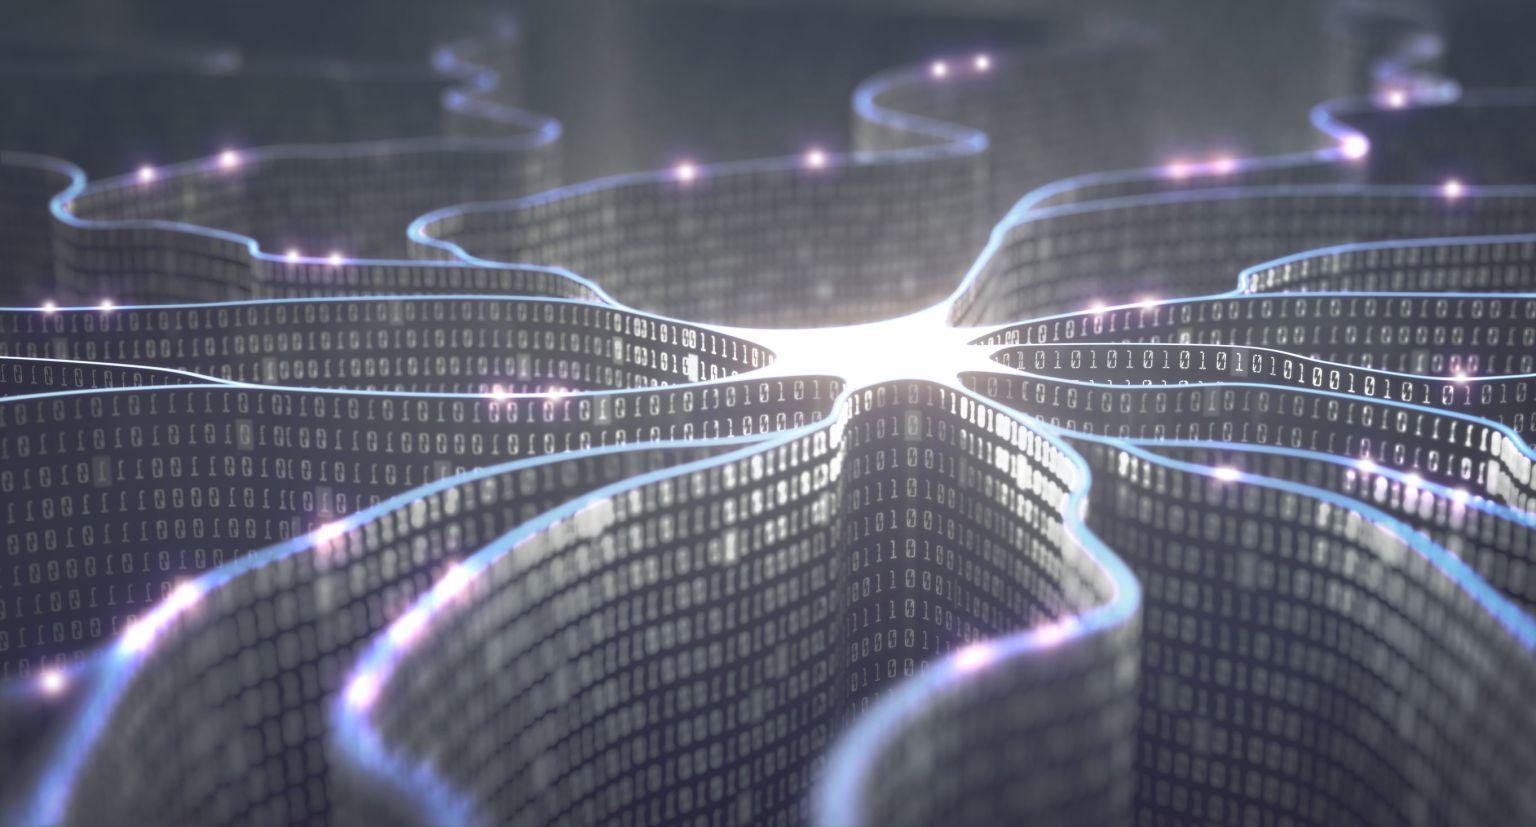 Ettor och nollor bildar ett neuronalt nätverk.